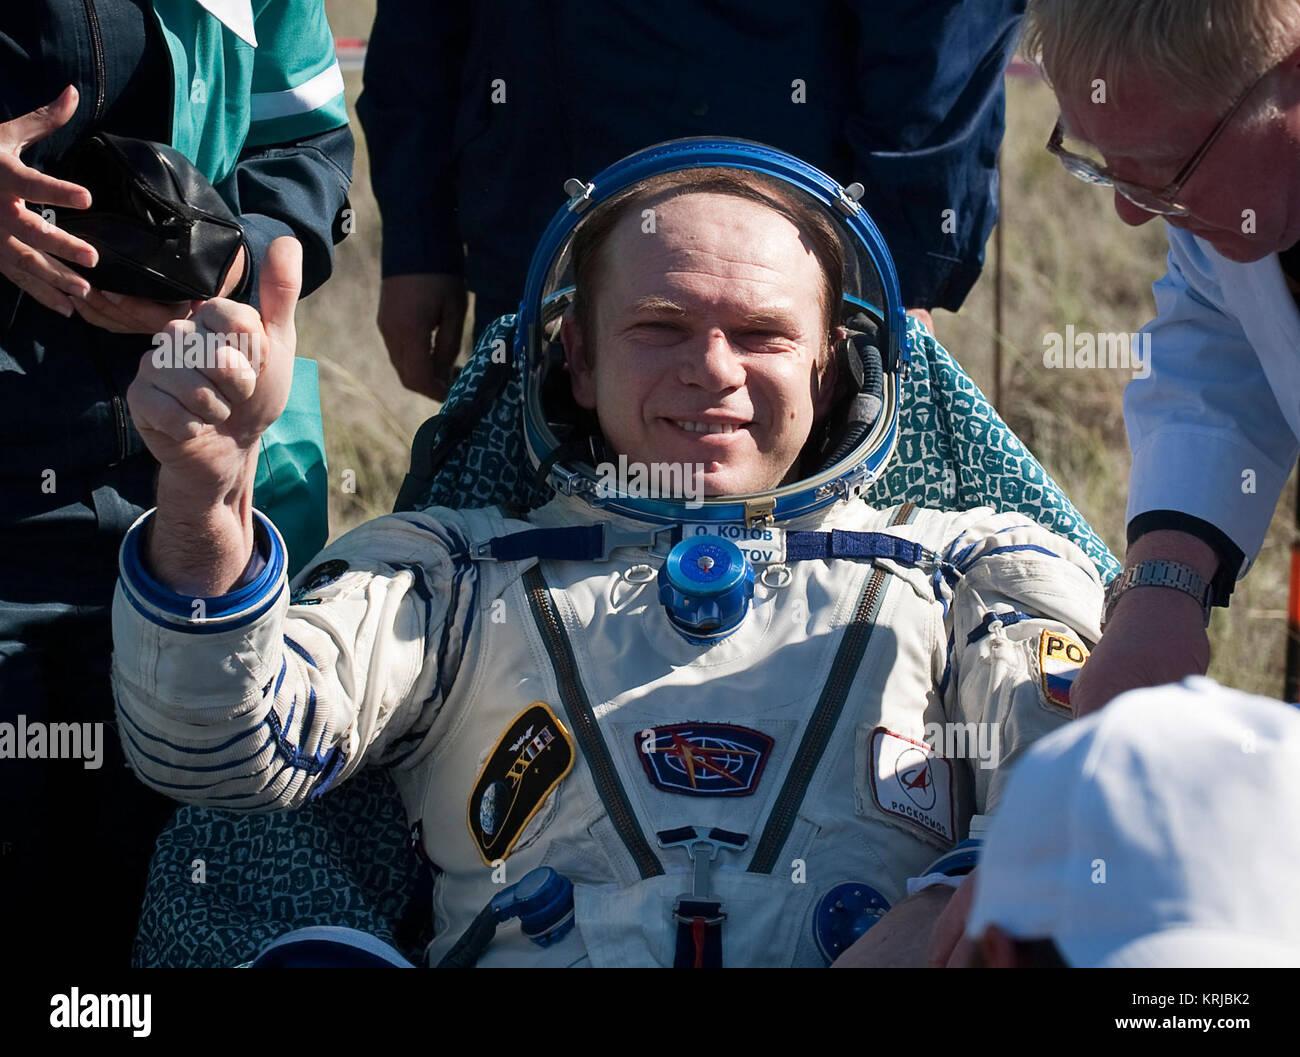 Expedition 23 comandante Oleg Kotov è visto seduto in una sedia al di fuori della capsula Soyuz a pochi minuti Immagini Stock